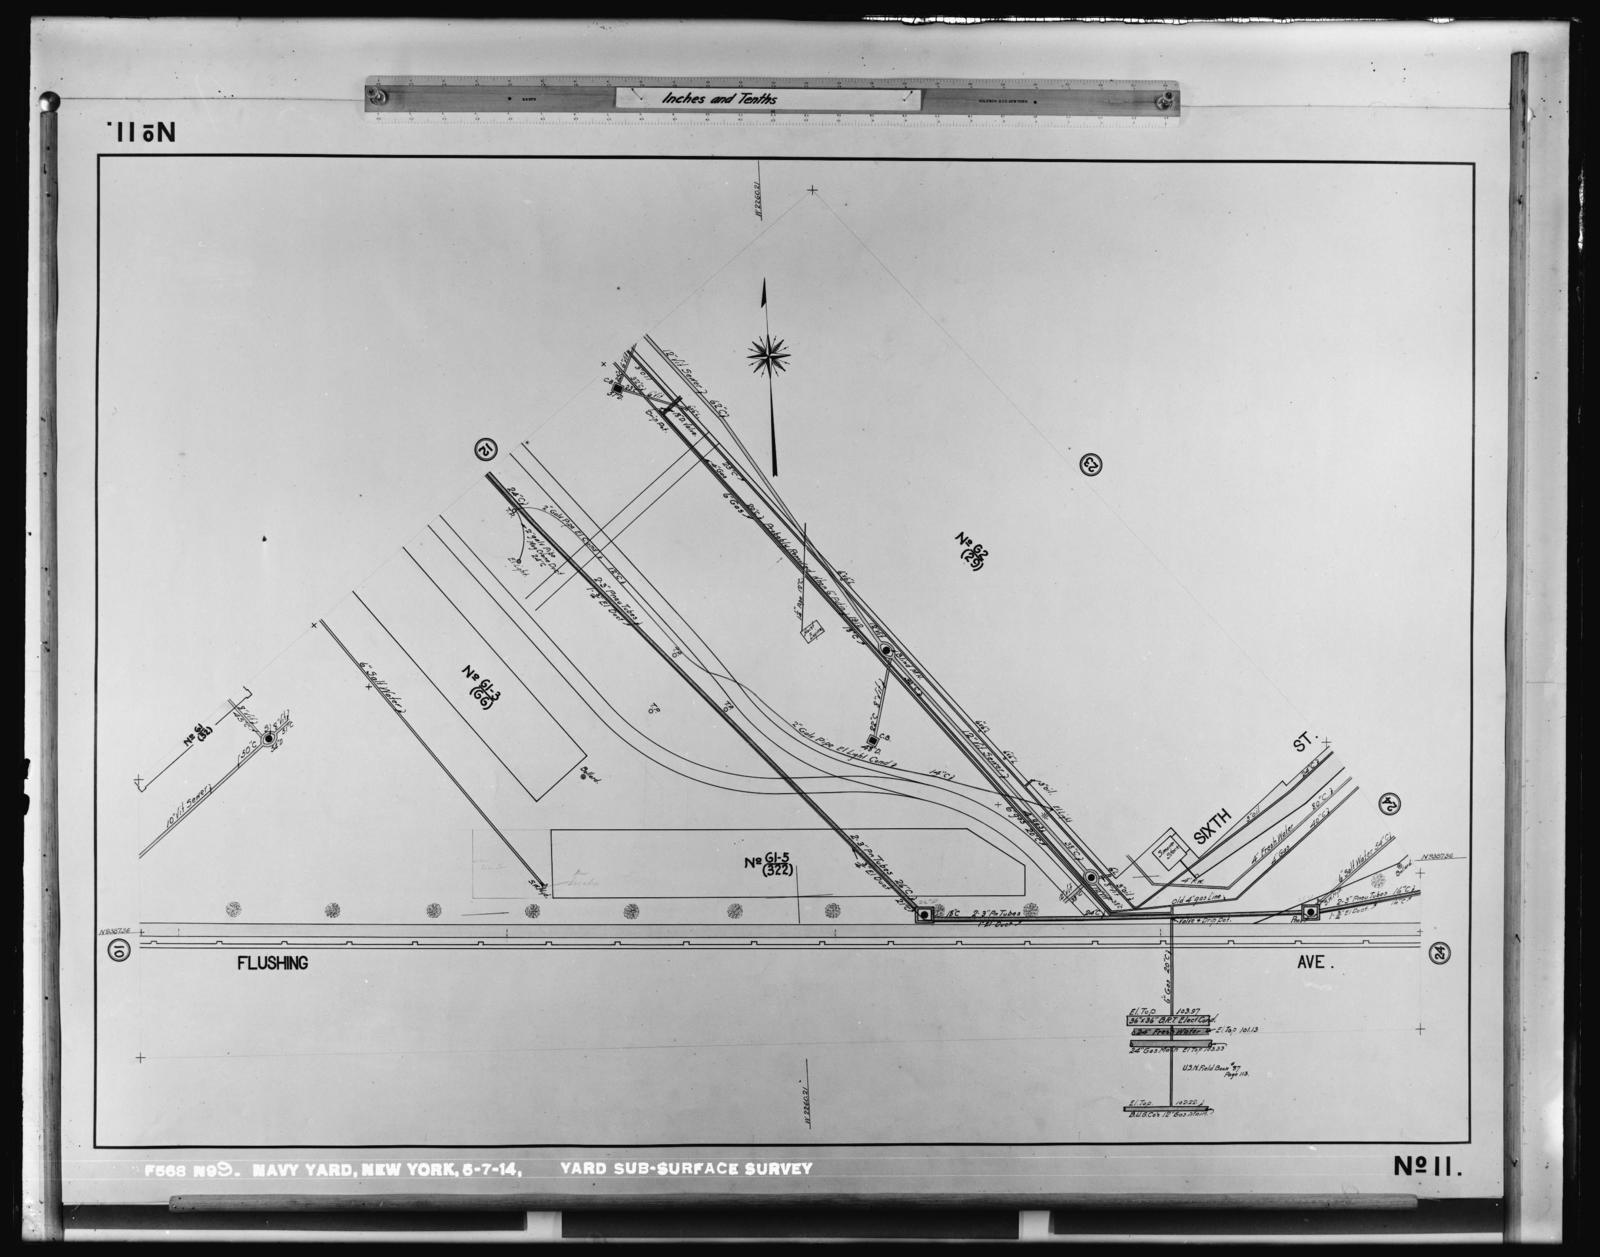 Yard Sub-Surface Survey, Number 11